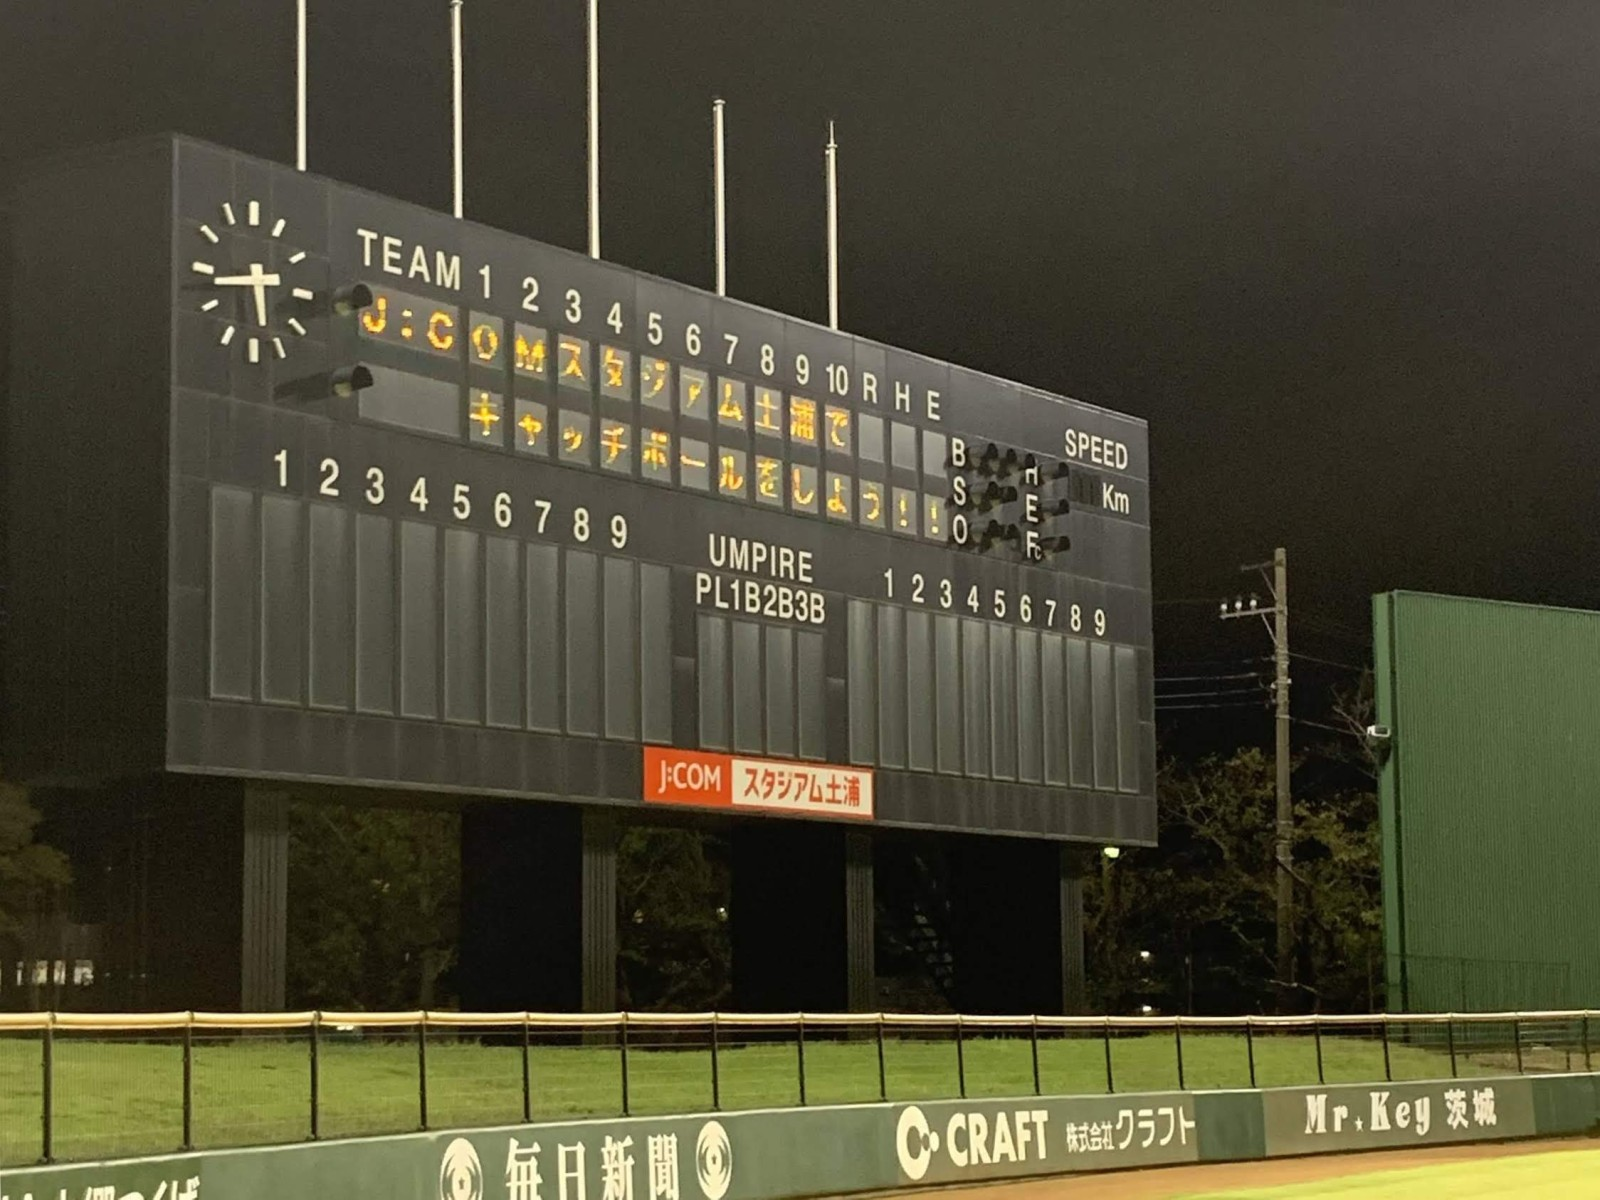 2019.10.10 J:comスタジアム土浦でキャッチボールをしよう! スコアボード